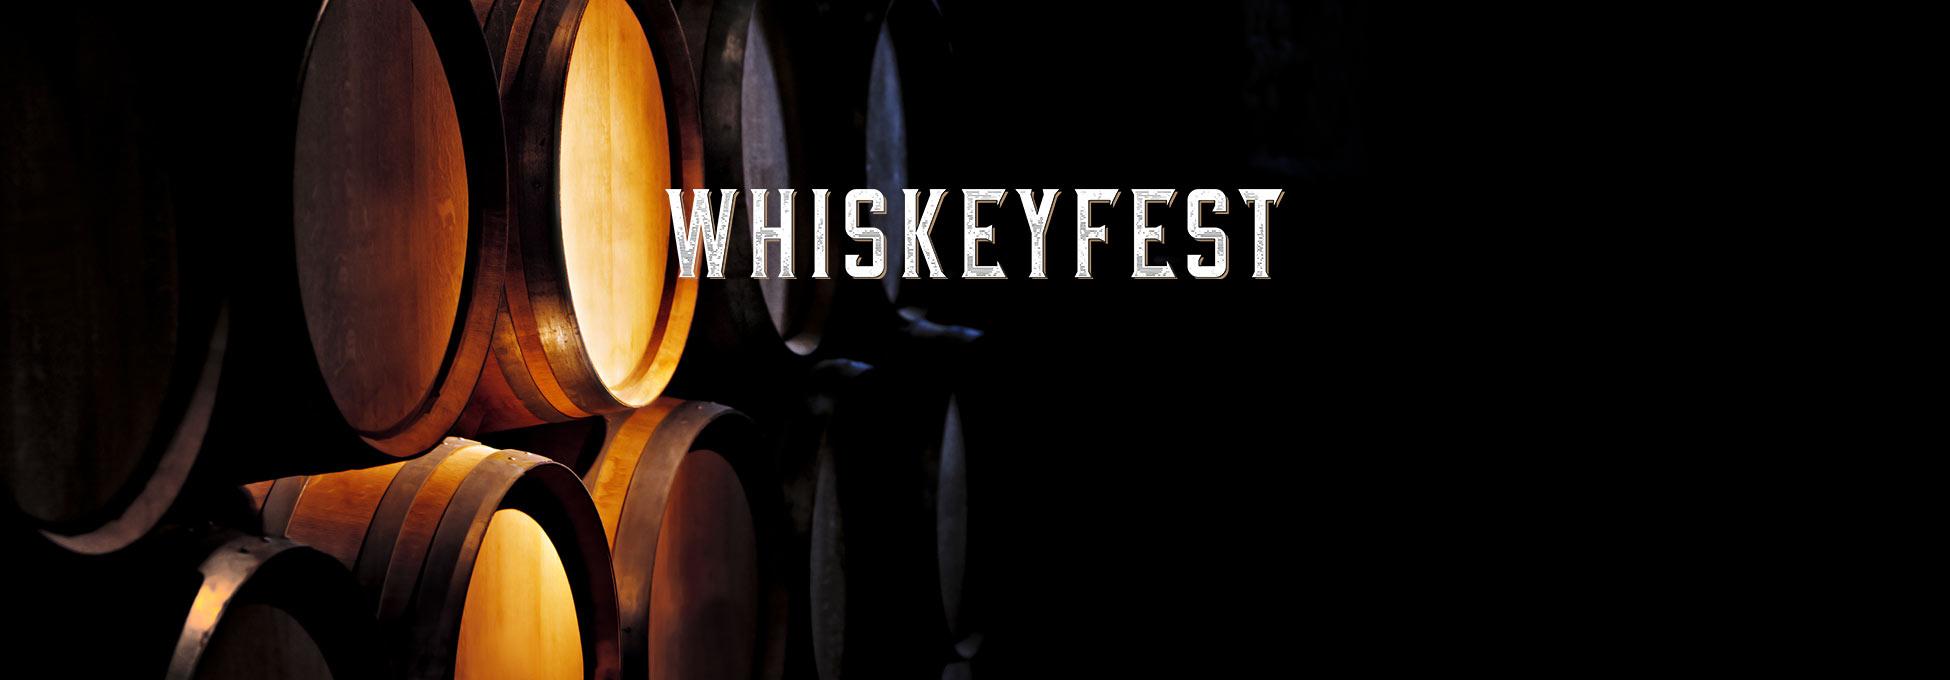 trigs-homepg-whiskeyfest-3.jpg